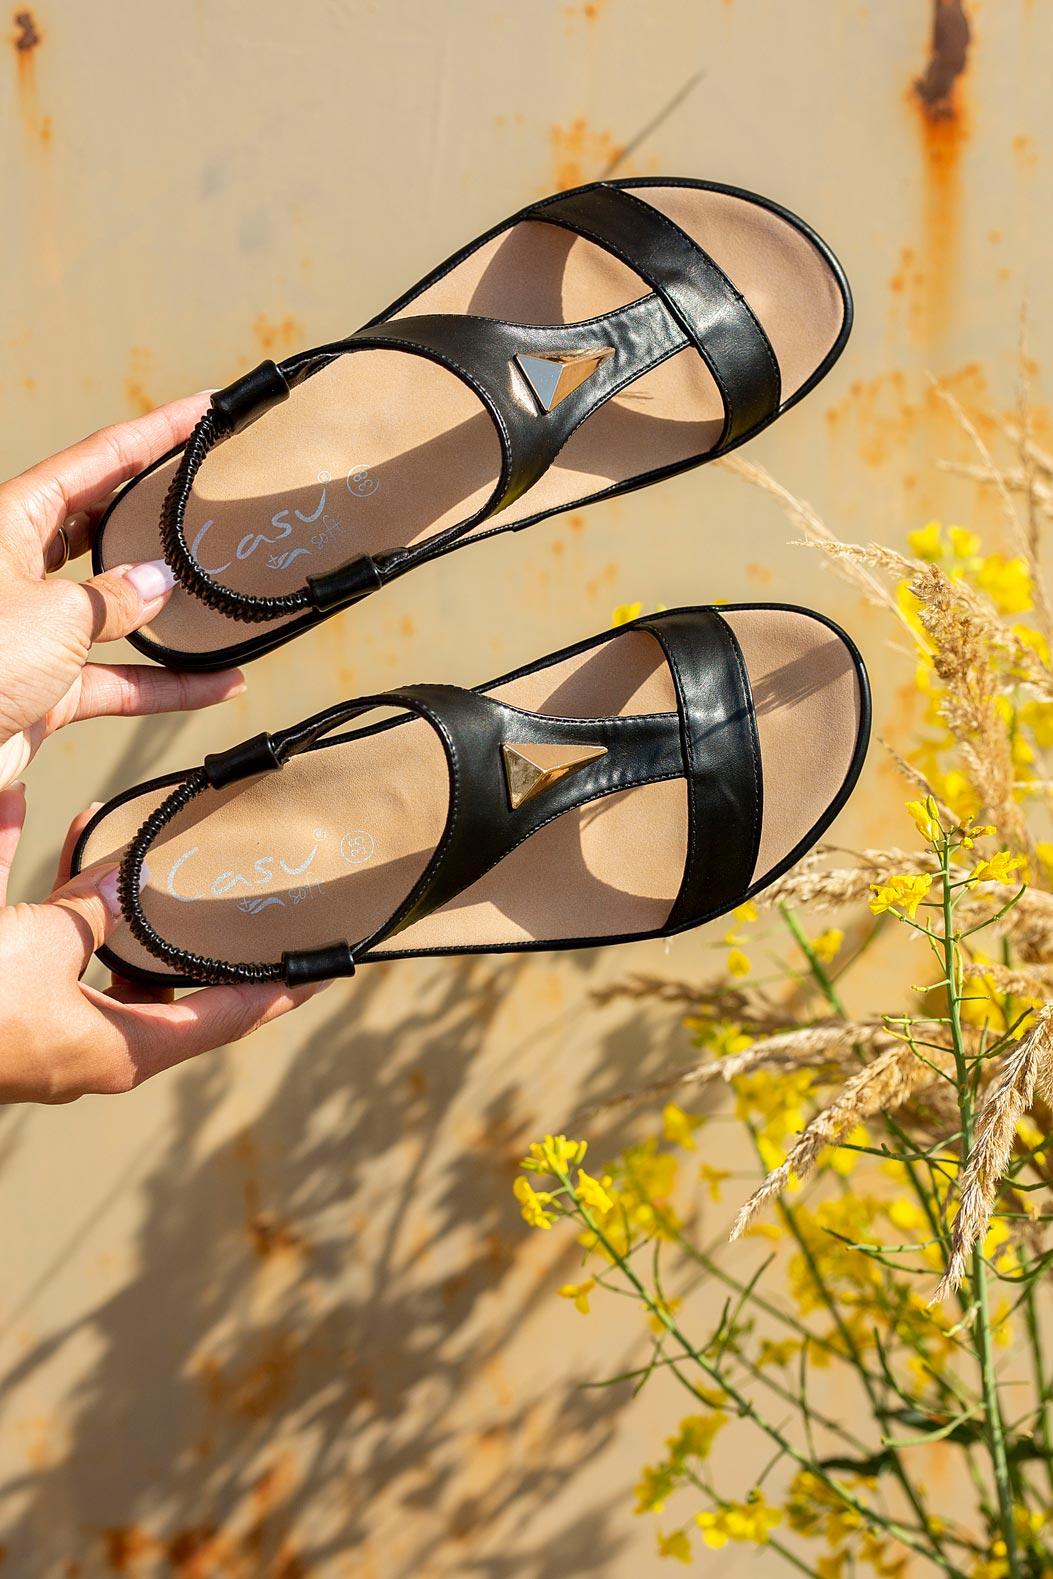 Czarne sandały płaskie z gumką i metalową ozdobą Casu N19X6/B model N19X6/B